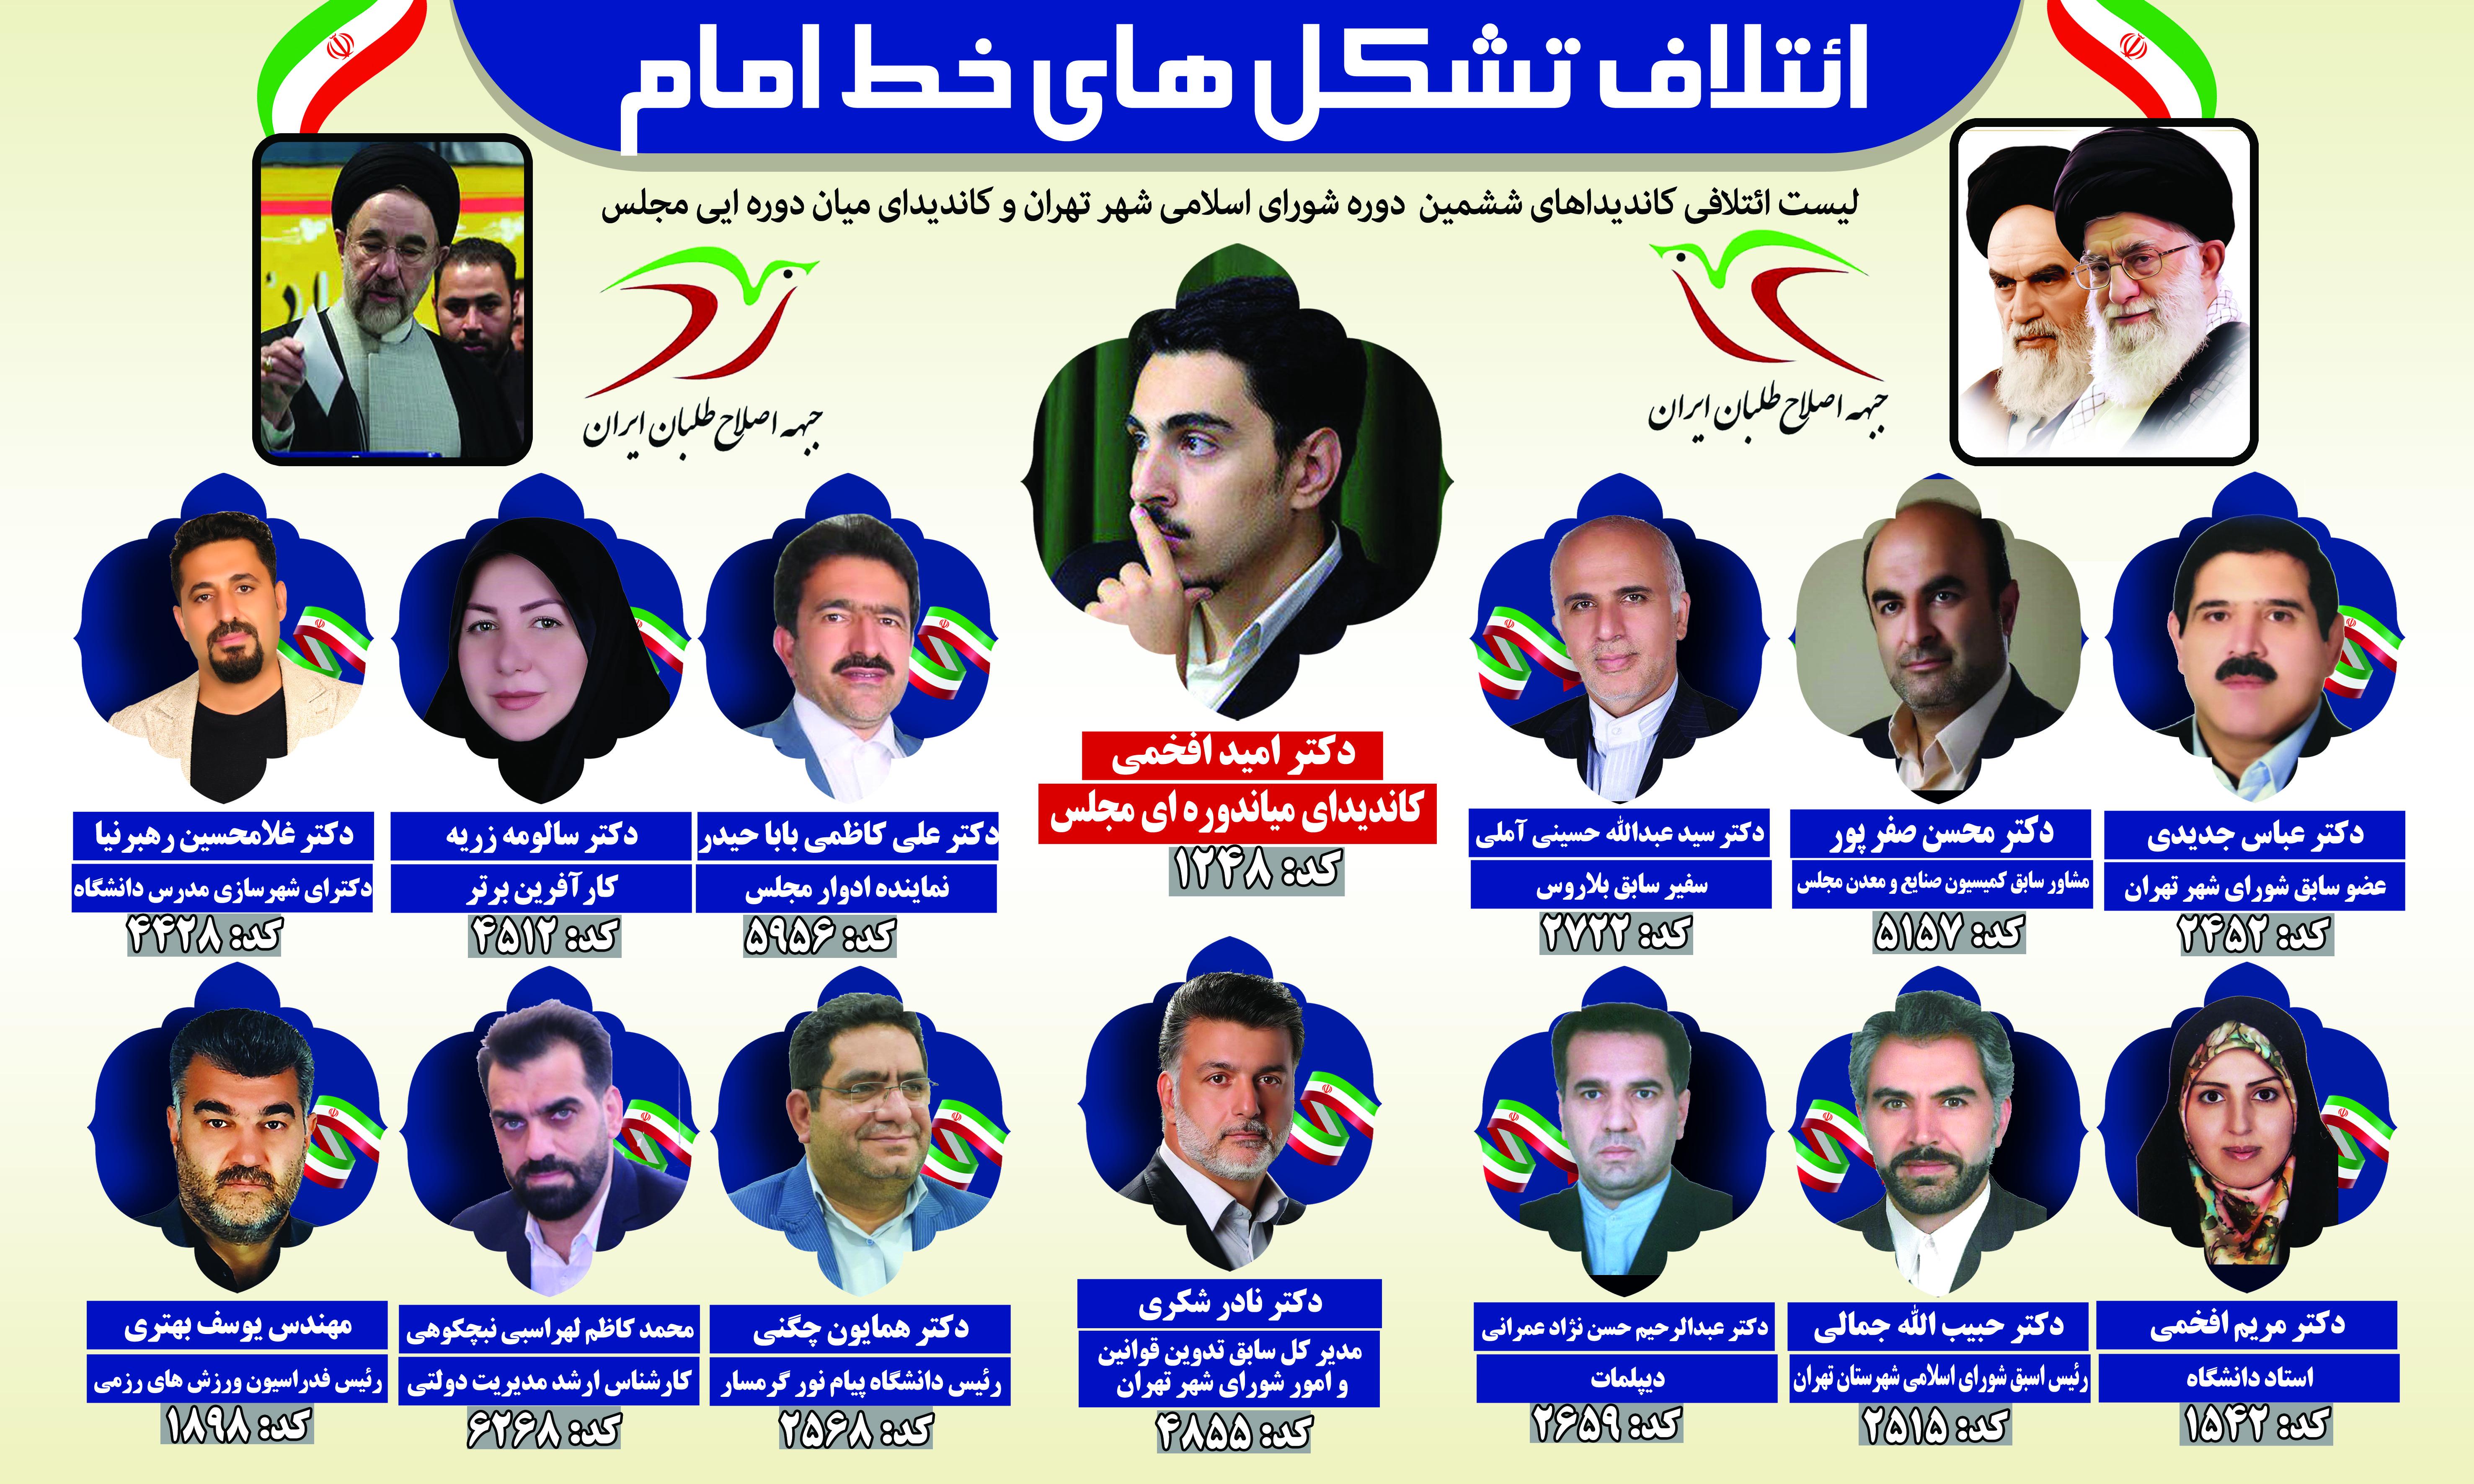 حمایت منتجب نیا از لیست یک ائتلاف برای تهران